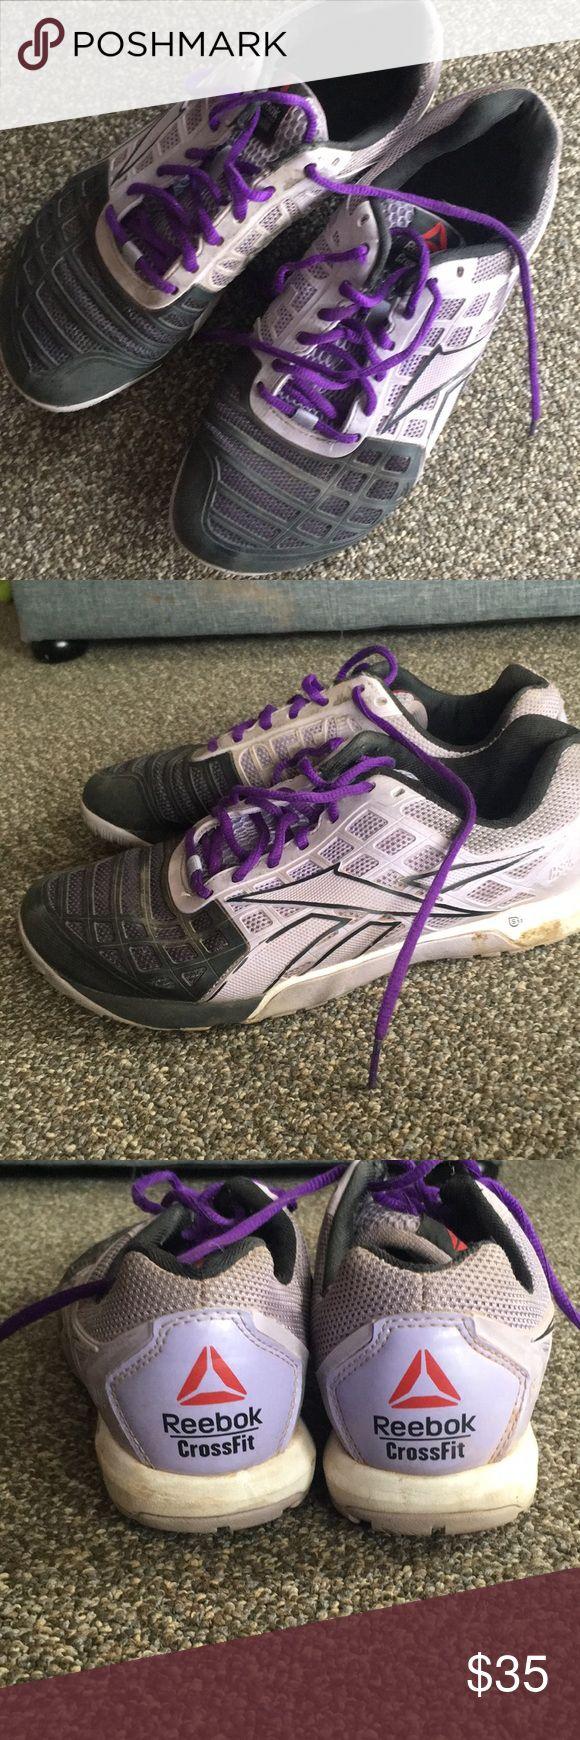 Reebok crossfit nano 4 Lilac reebok crossfit nano 4s! Worn a few times but not a whole lot. Reebok Shoes Sneakers